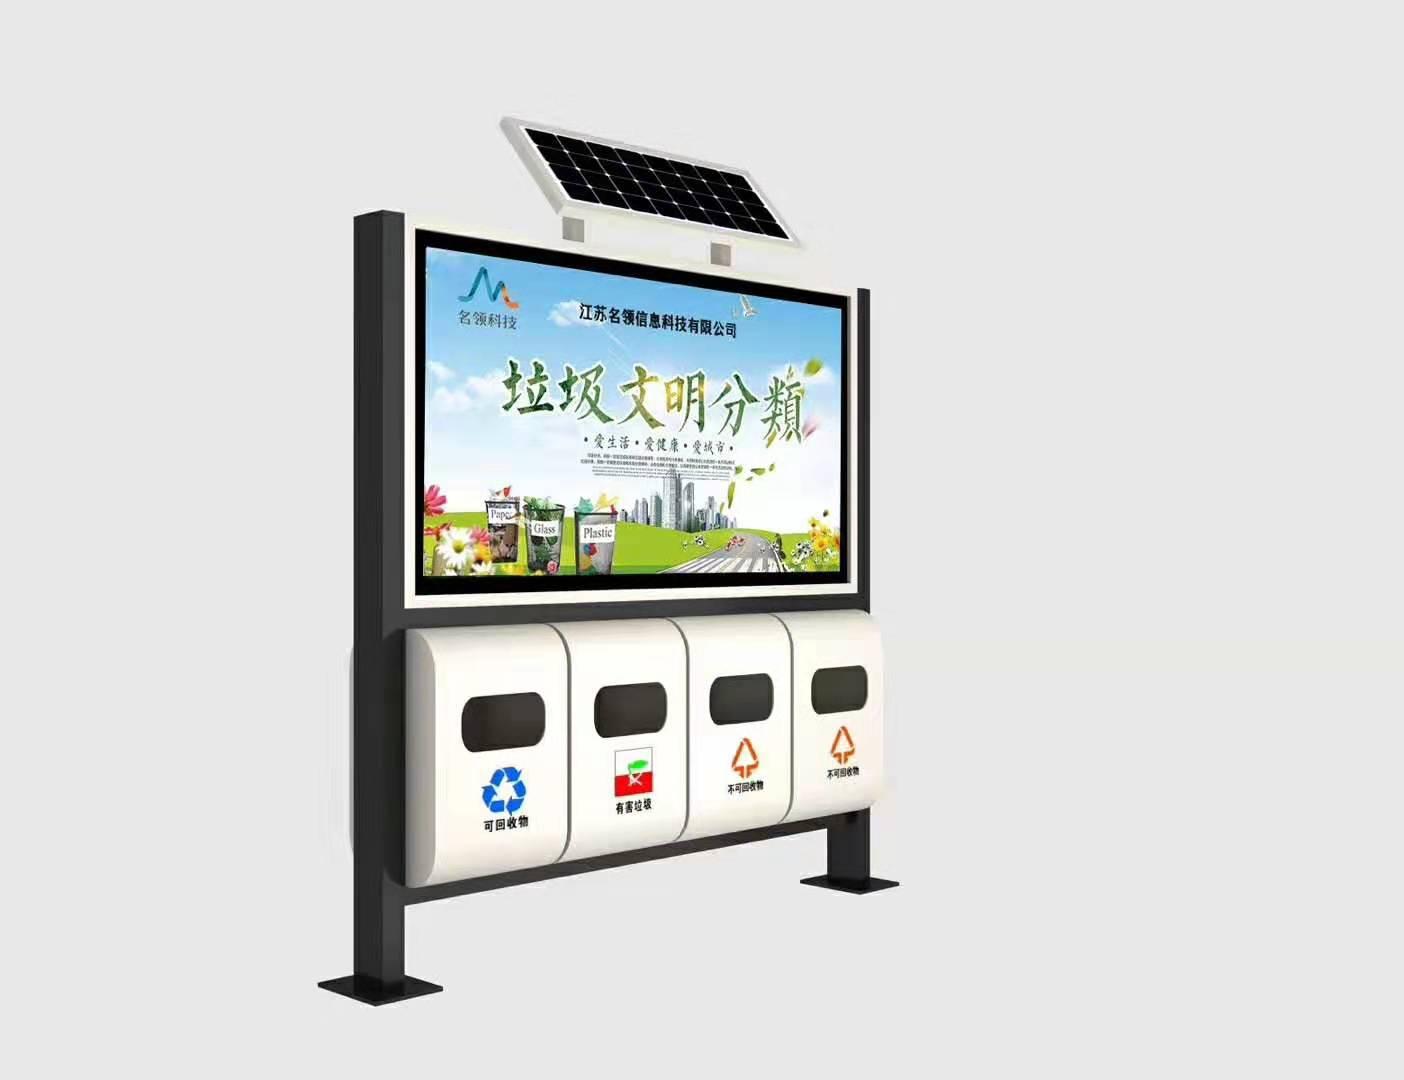 太阳能广告垃圾箱XH-012